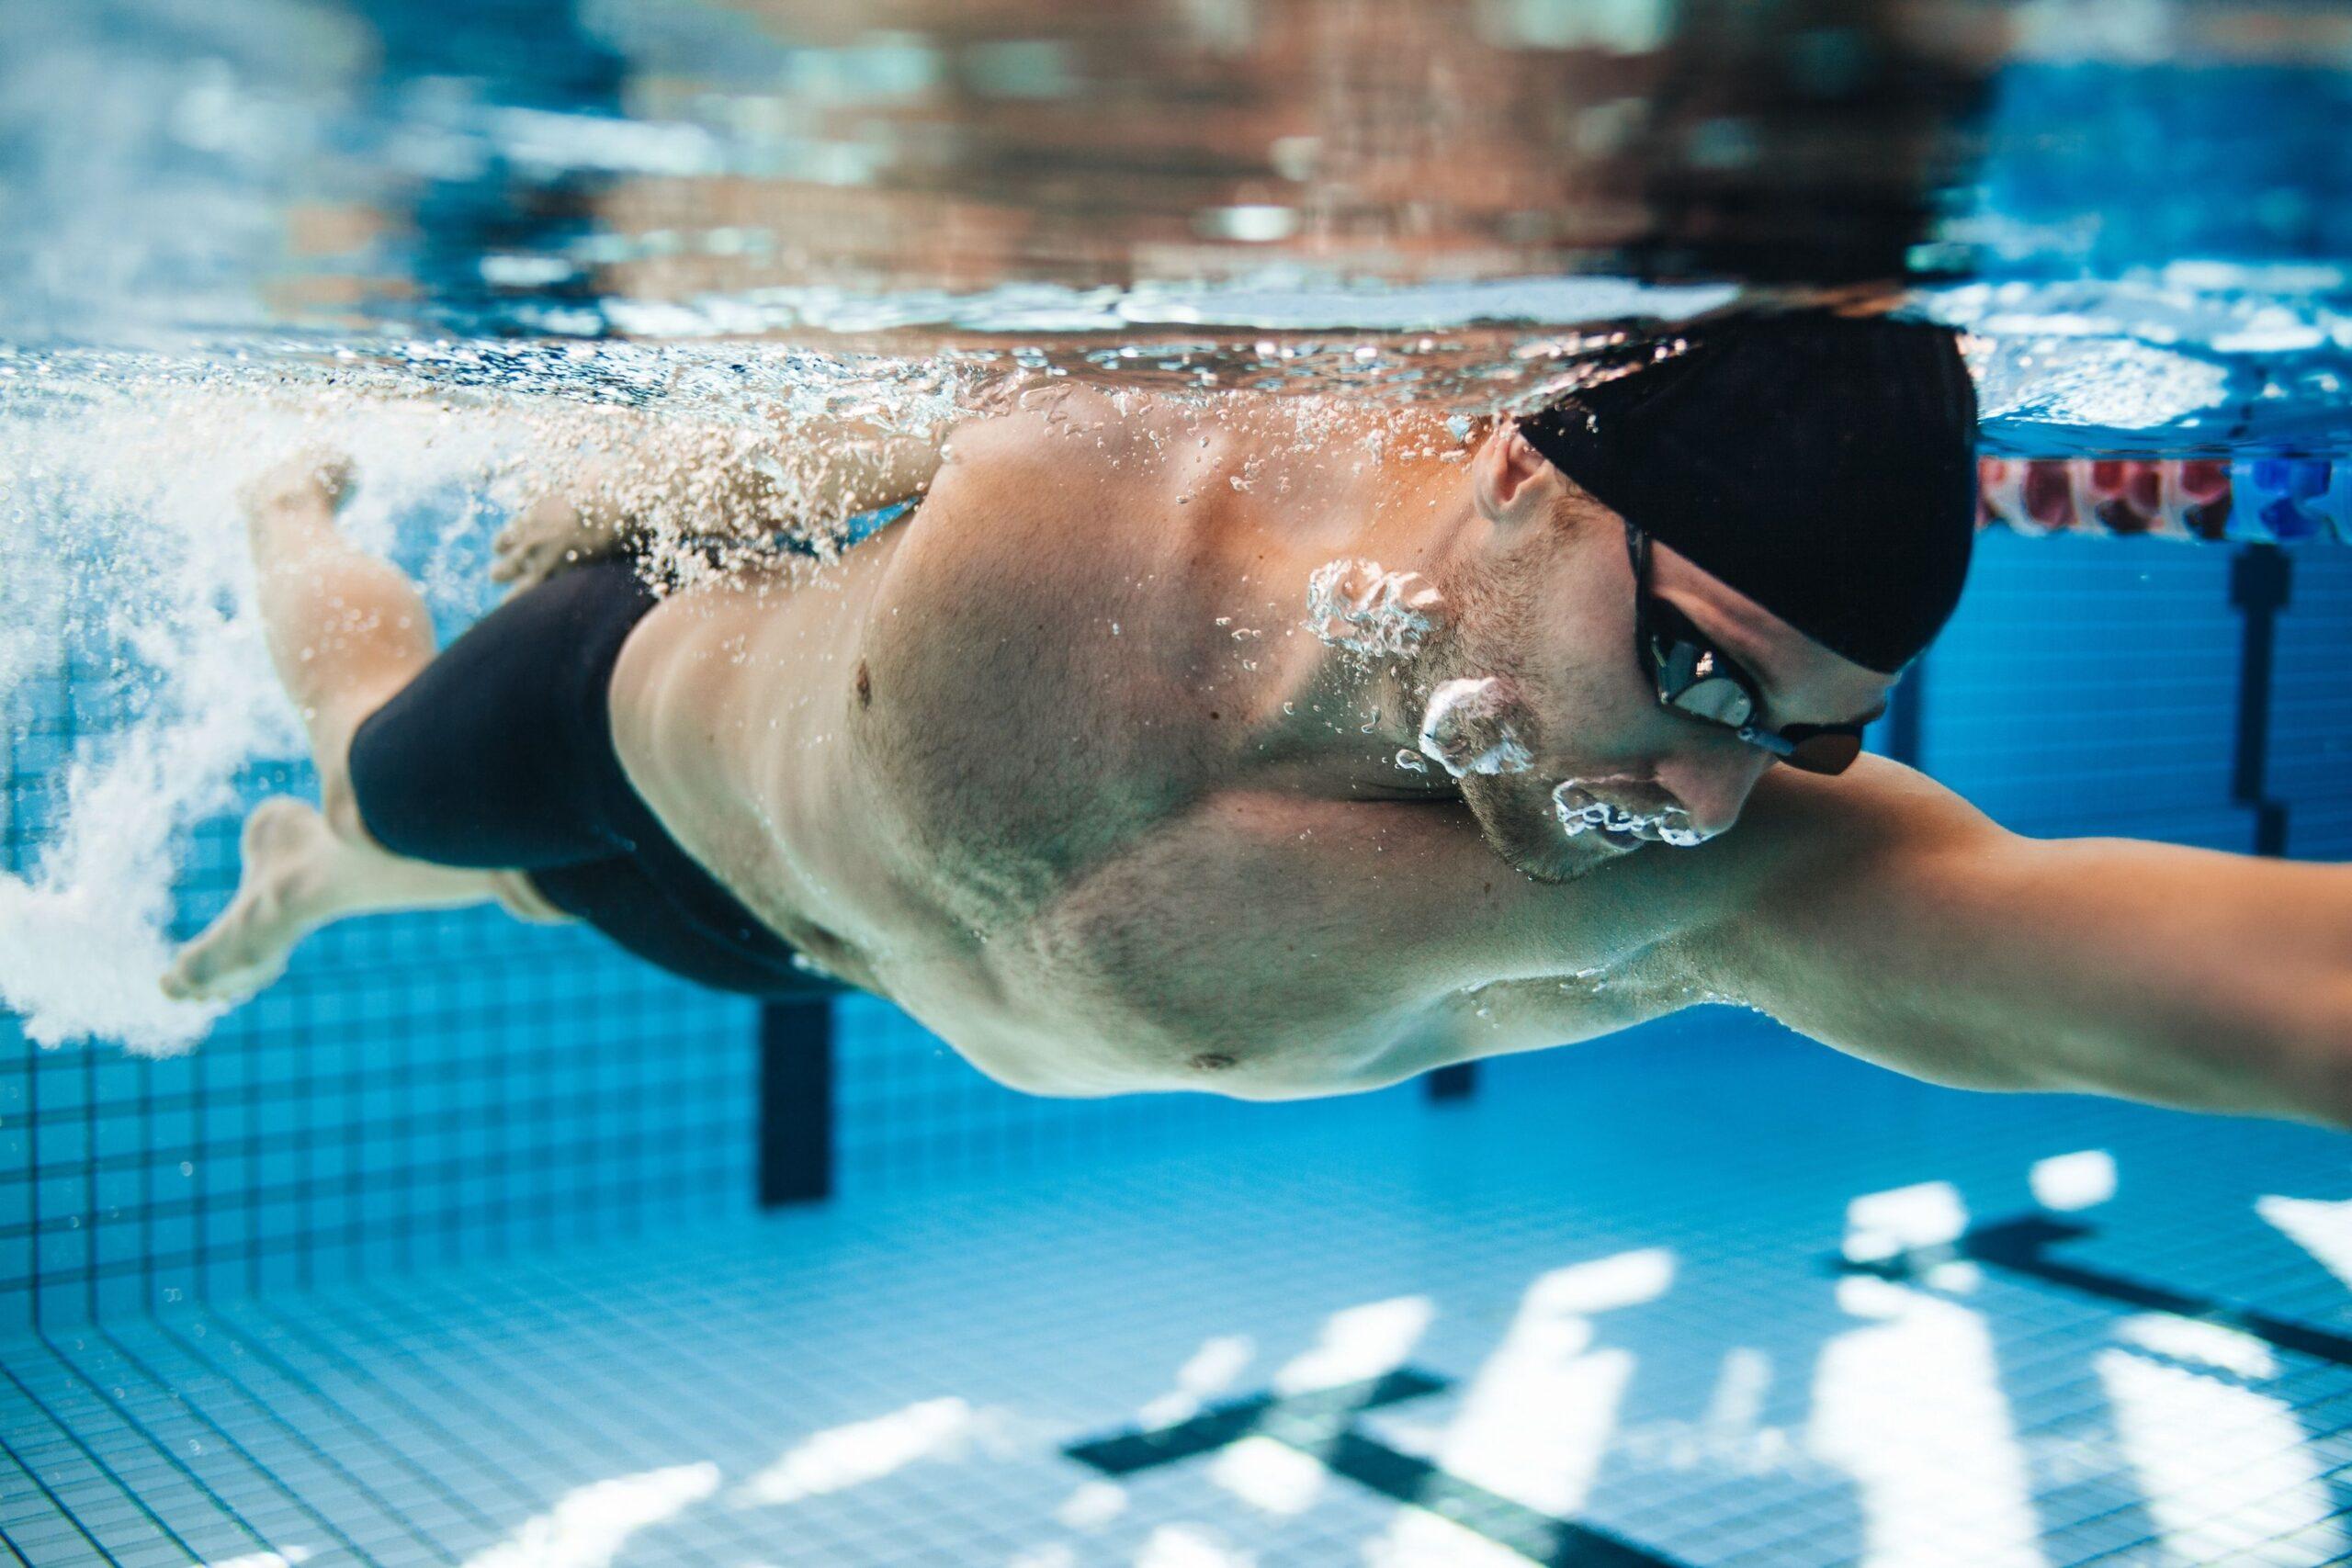 Los beneficios del deporte para la salud física y mental